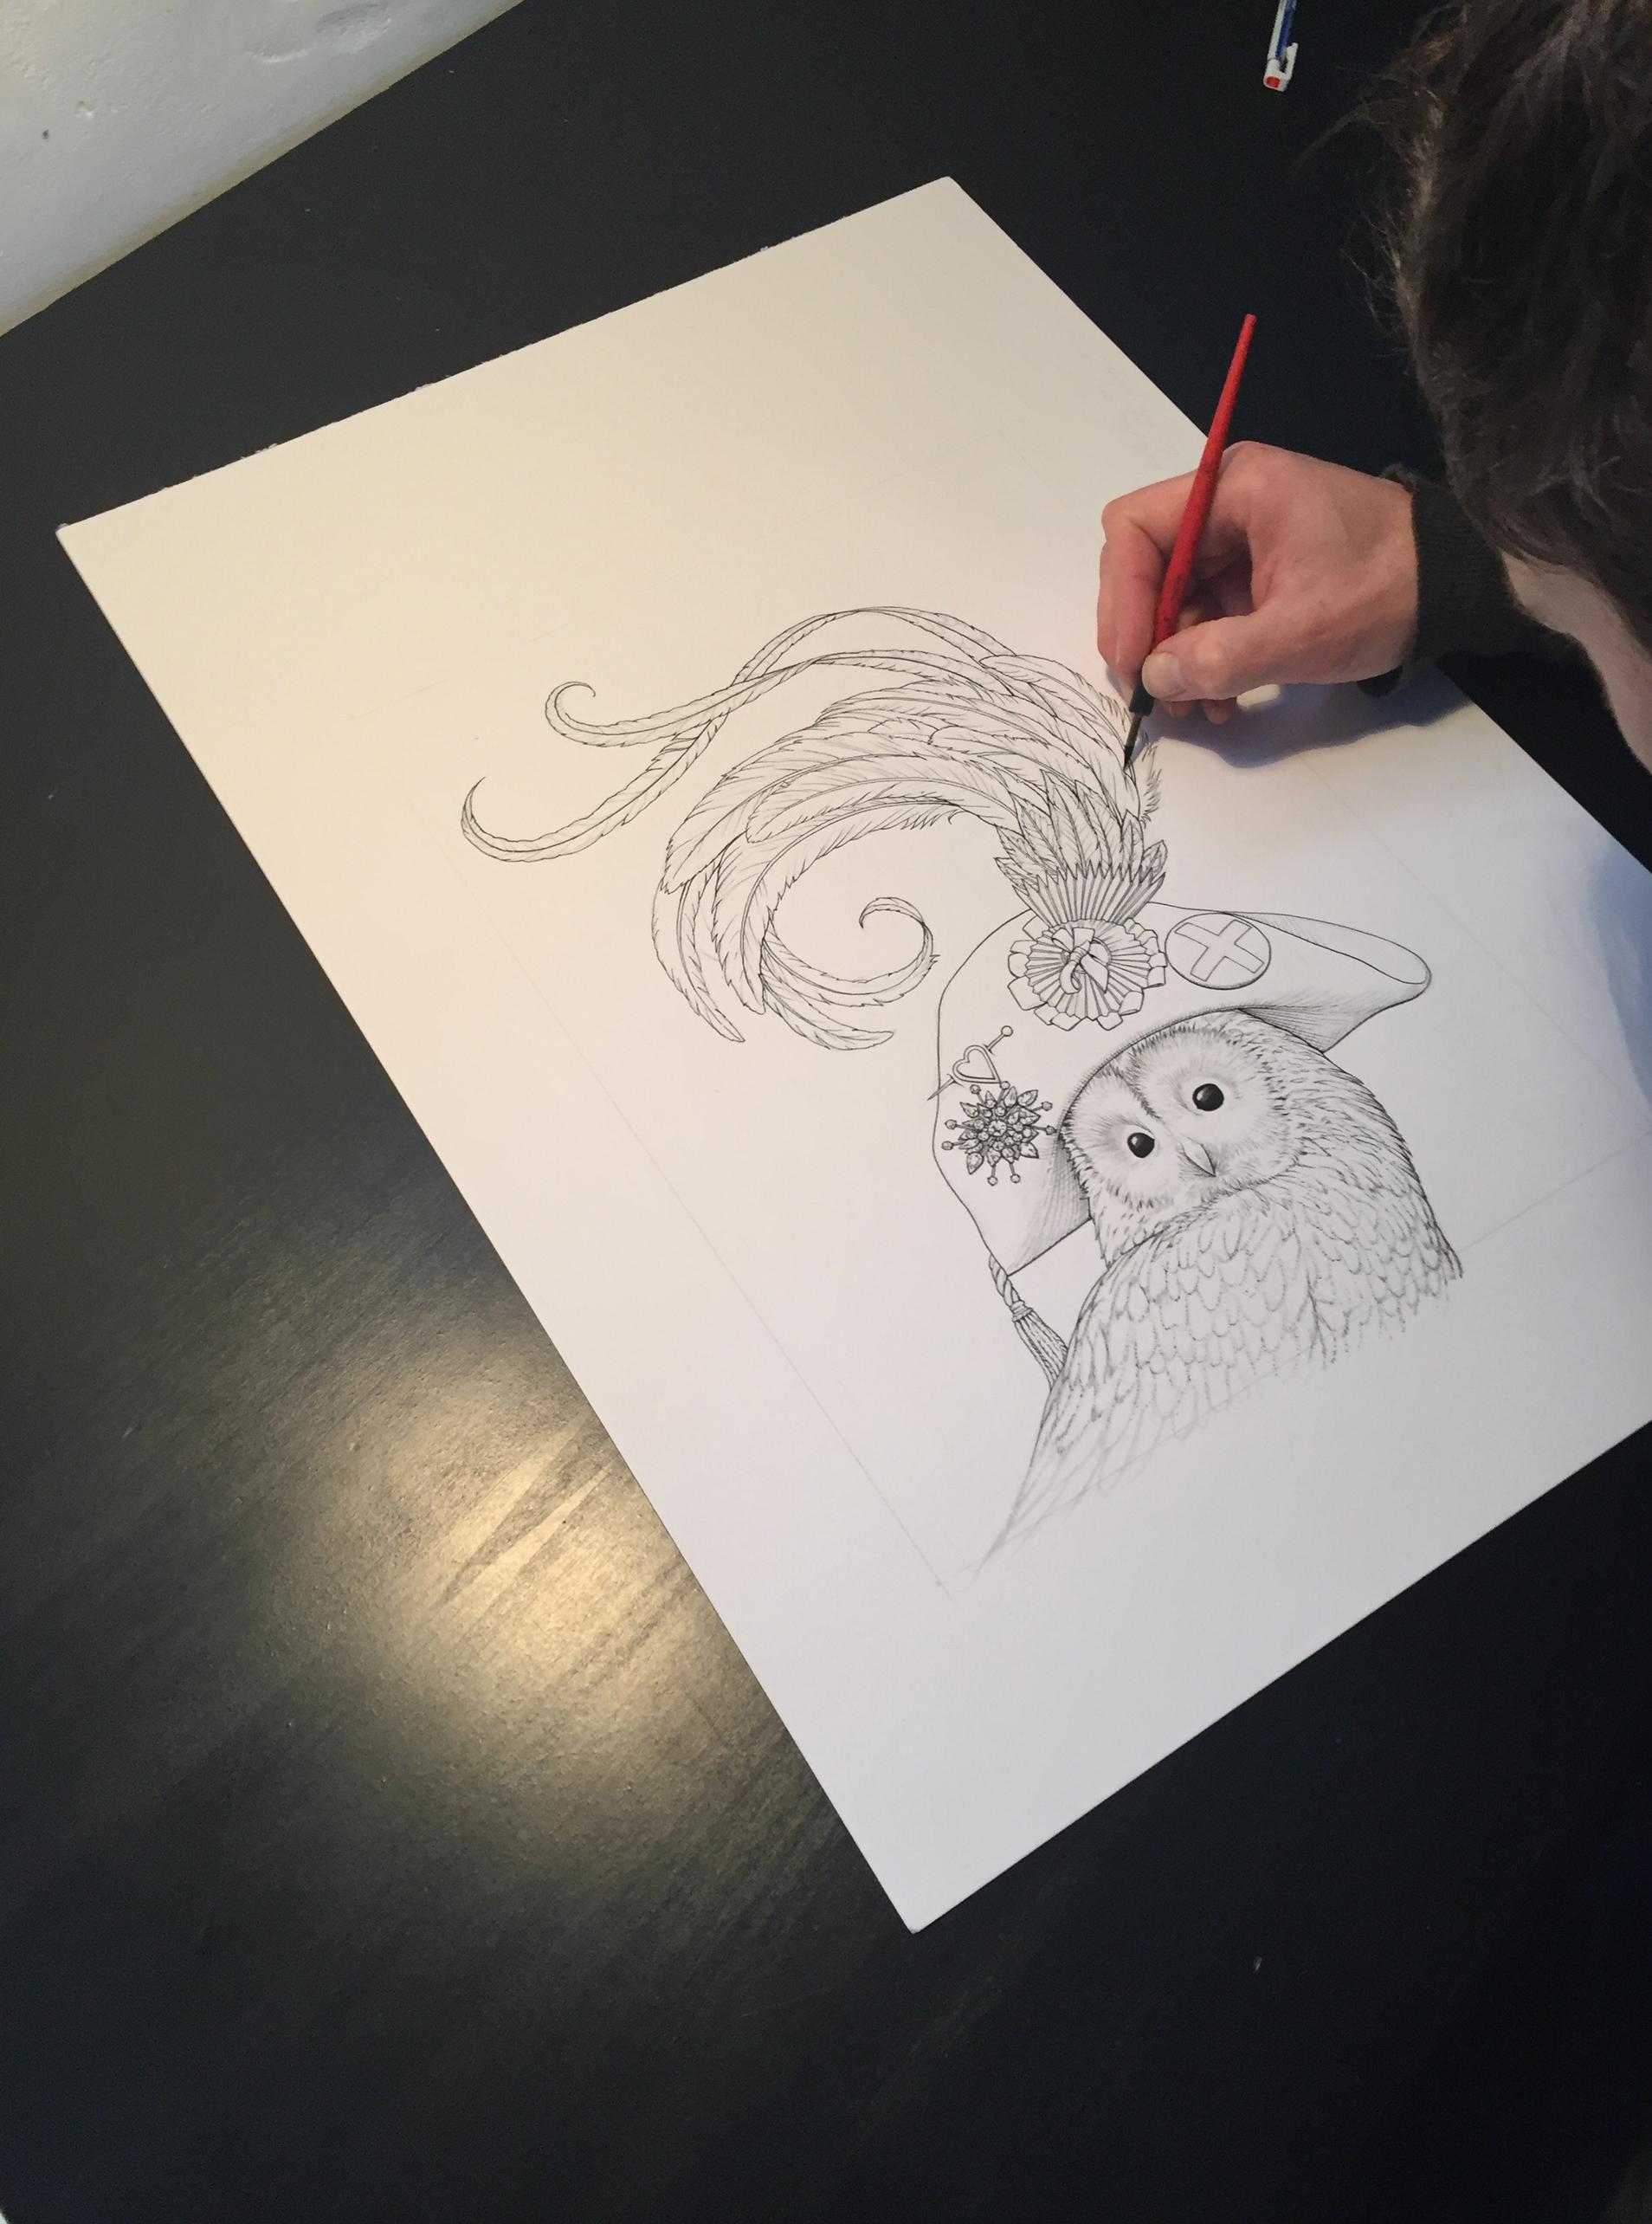 Owl_in_Hat_Progress.jpg